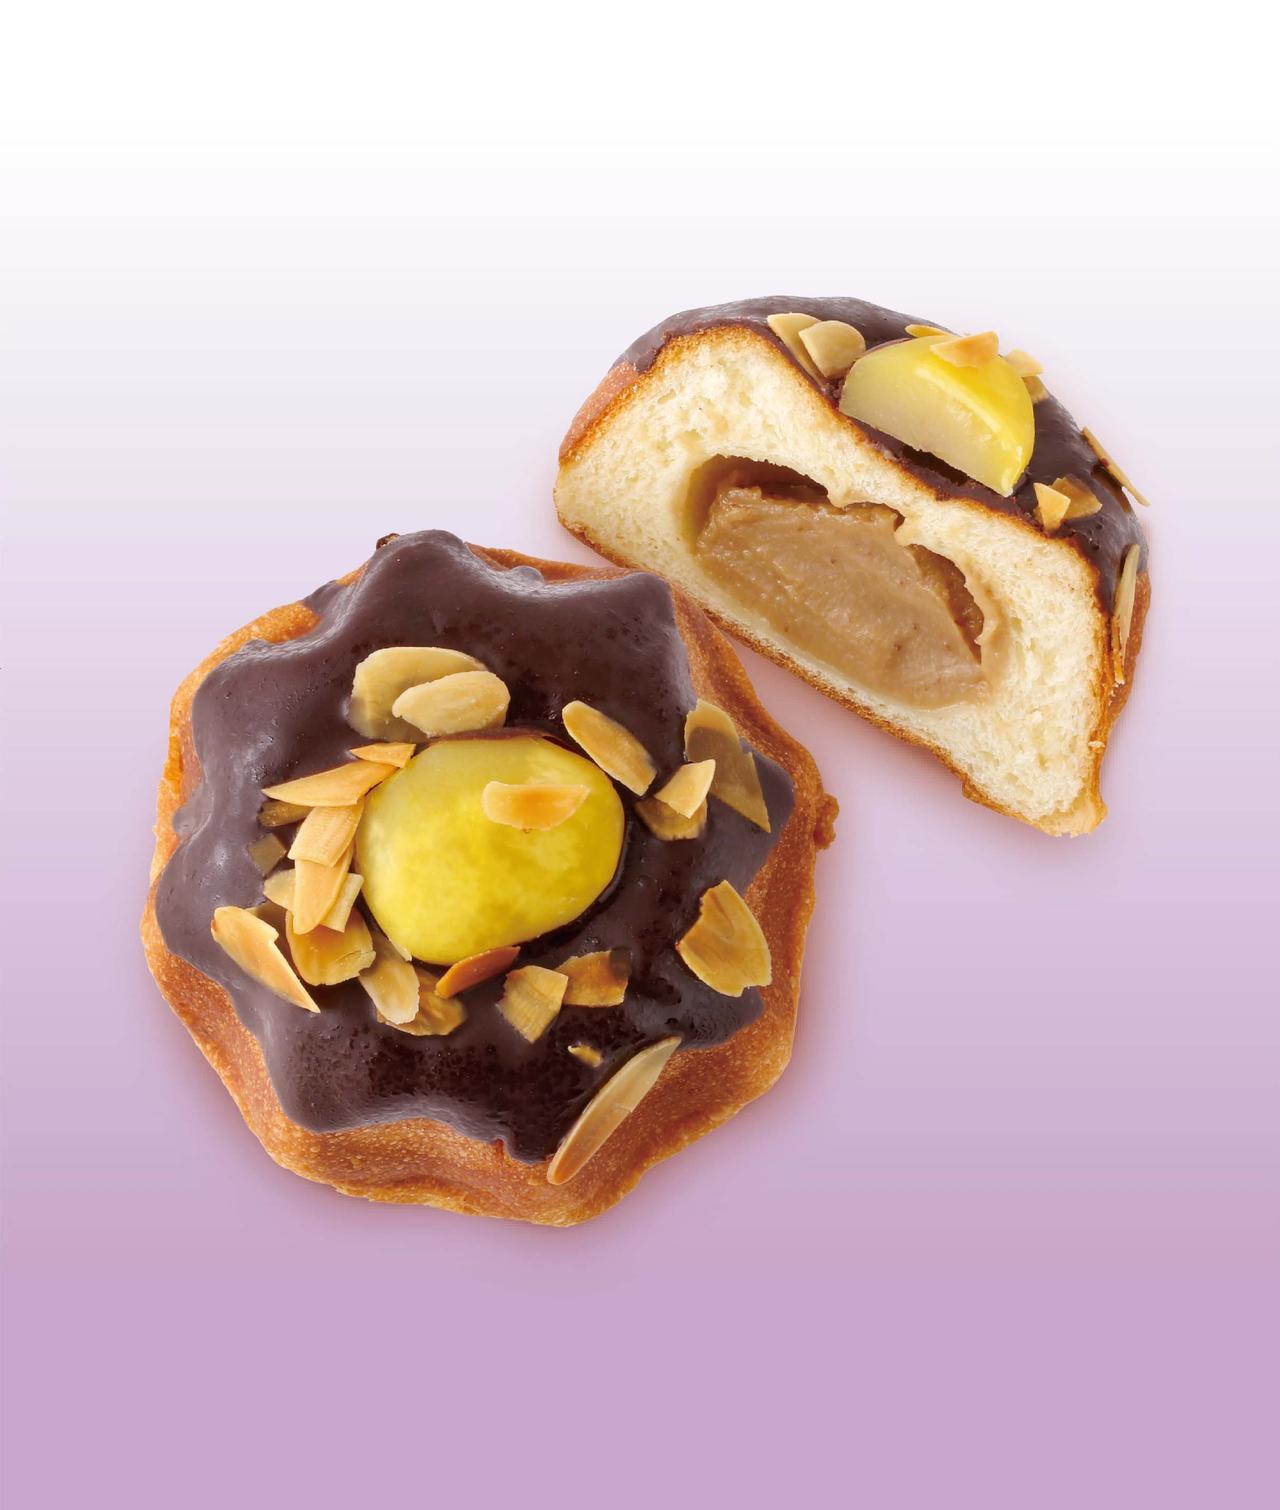 画像: モンブラン 本体価格¥240(税込価格¥260) *販売期間:10/1(日)~10/17(火) バターの風味豊かな生地に香ばしい味わいの和栗あんを包み、焼き上げました。栗の甘露煮とチョコをあしらい、贅沢に仕上げました。